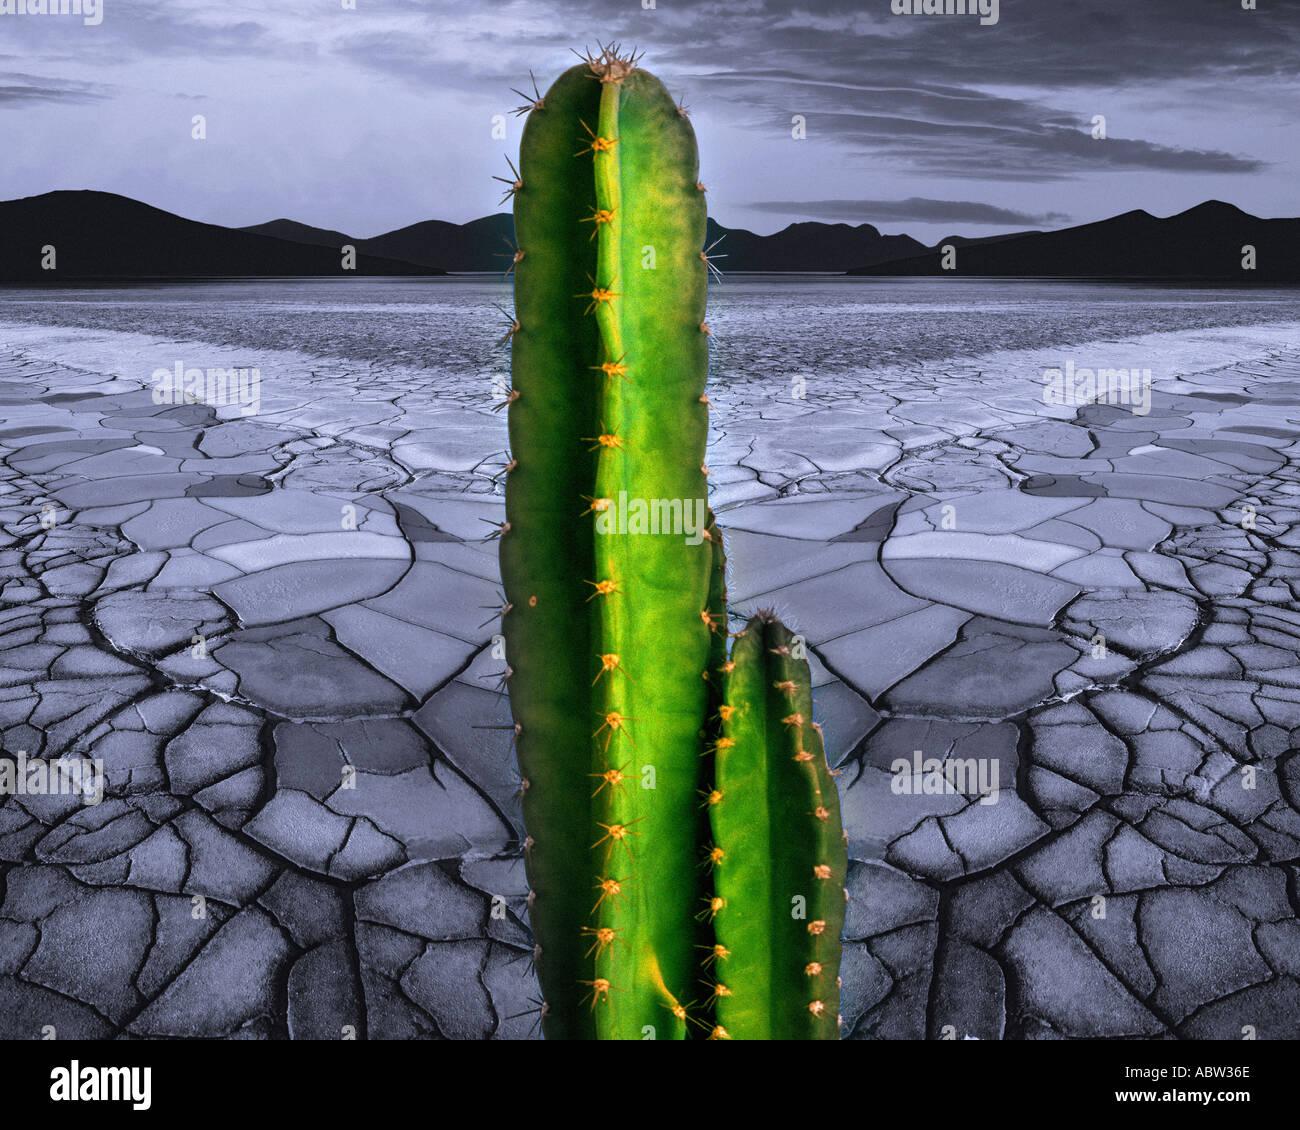 DIGITAL ART: Desert Scene - Stock Image